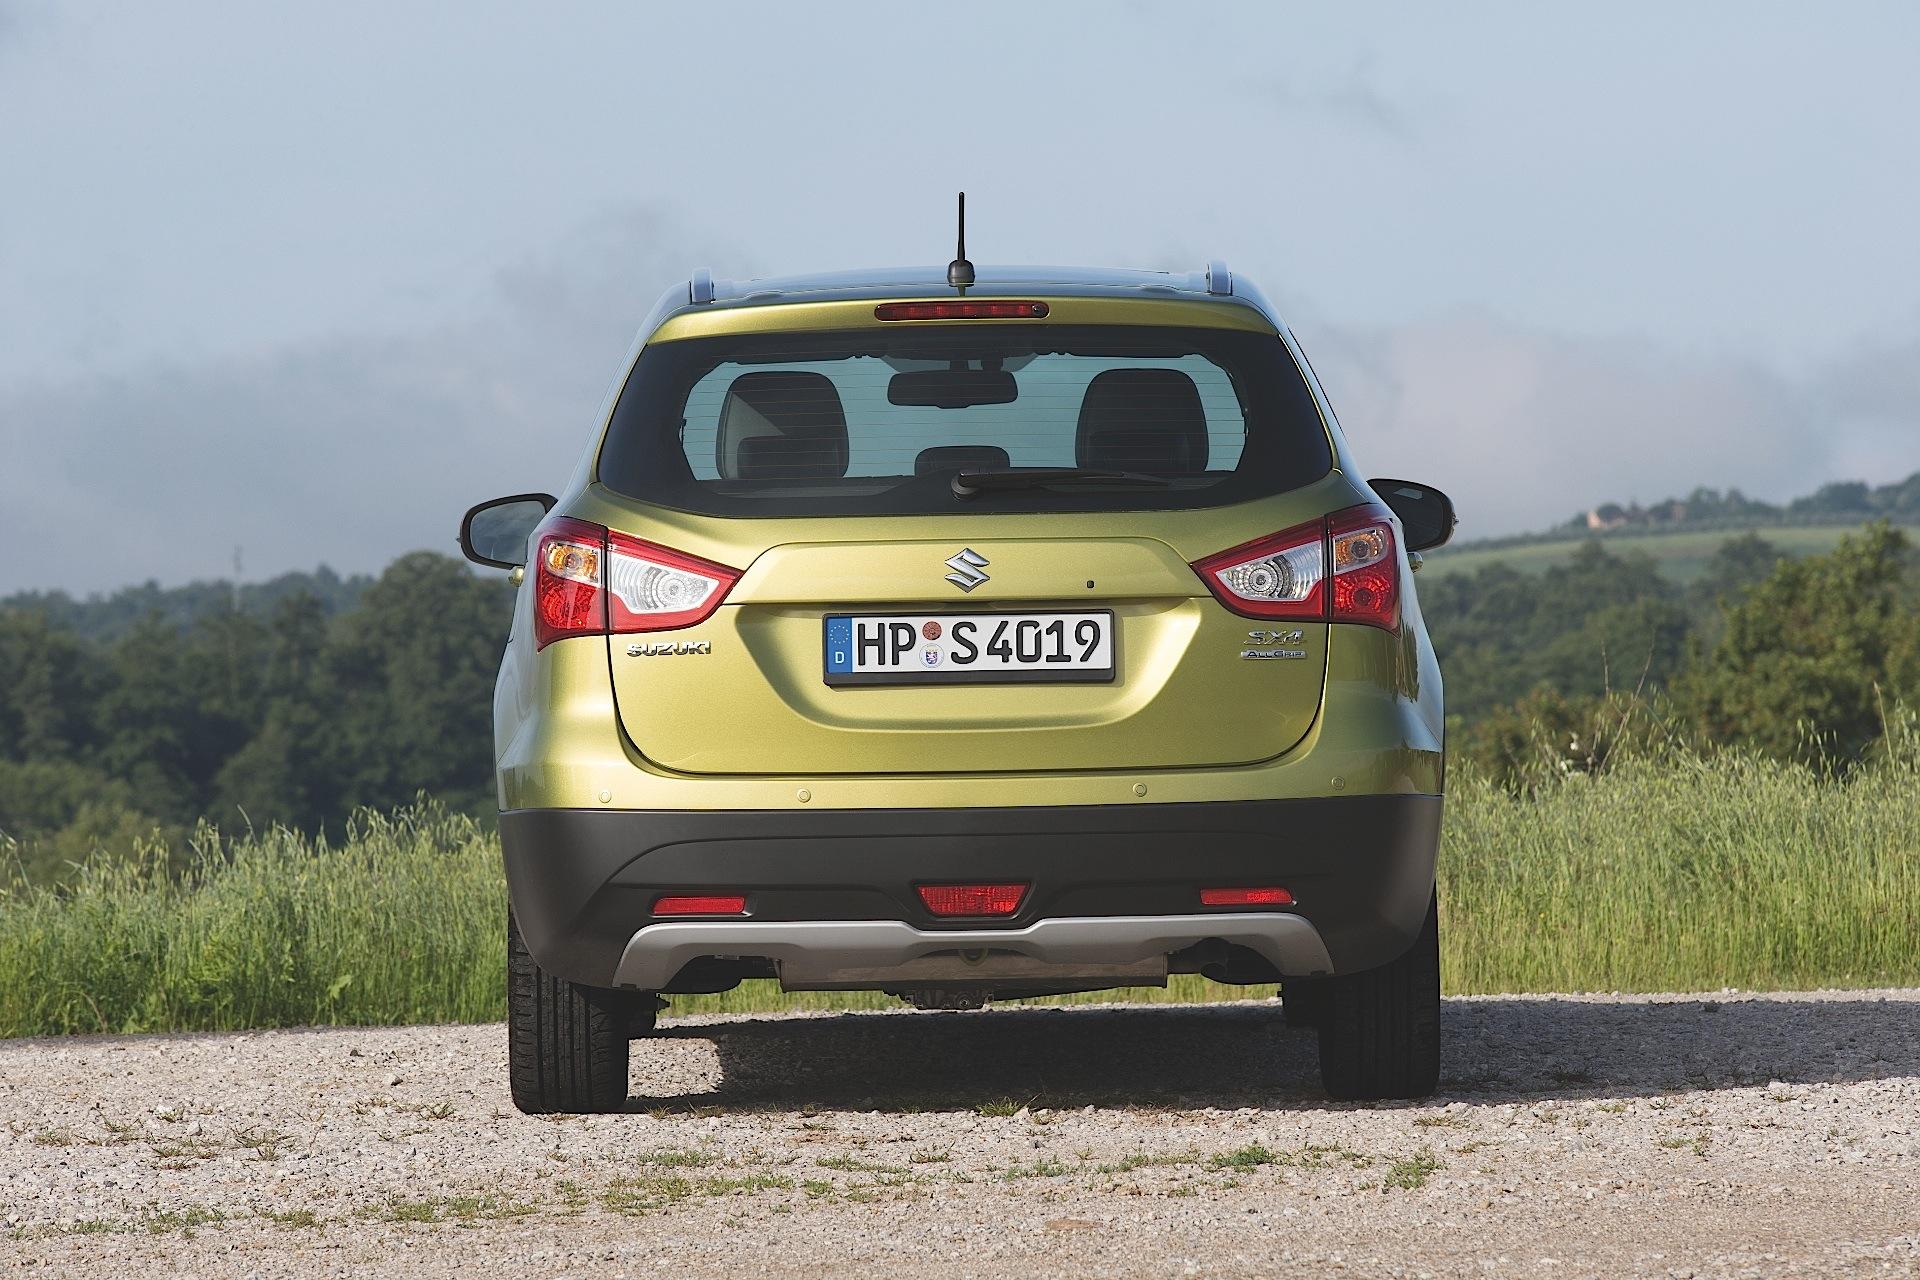 Suzuki Sx Crossover Review Philippines